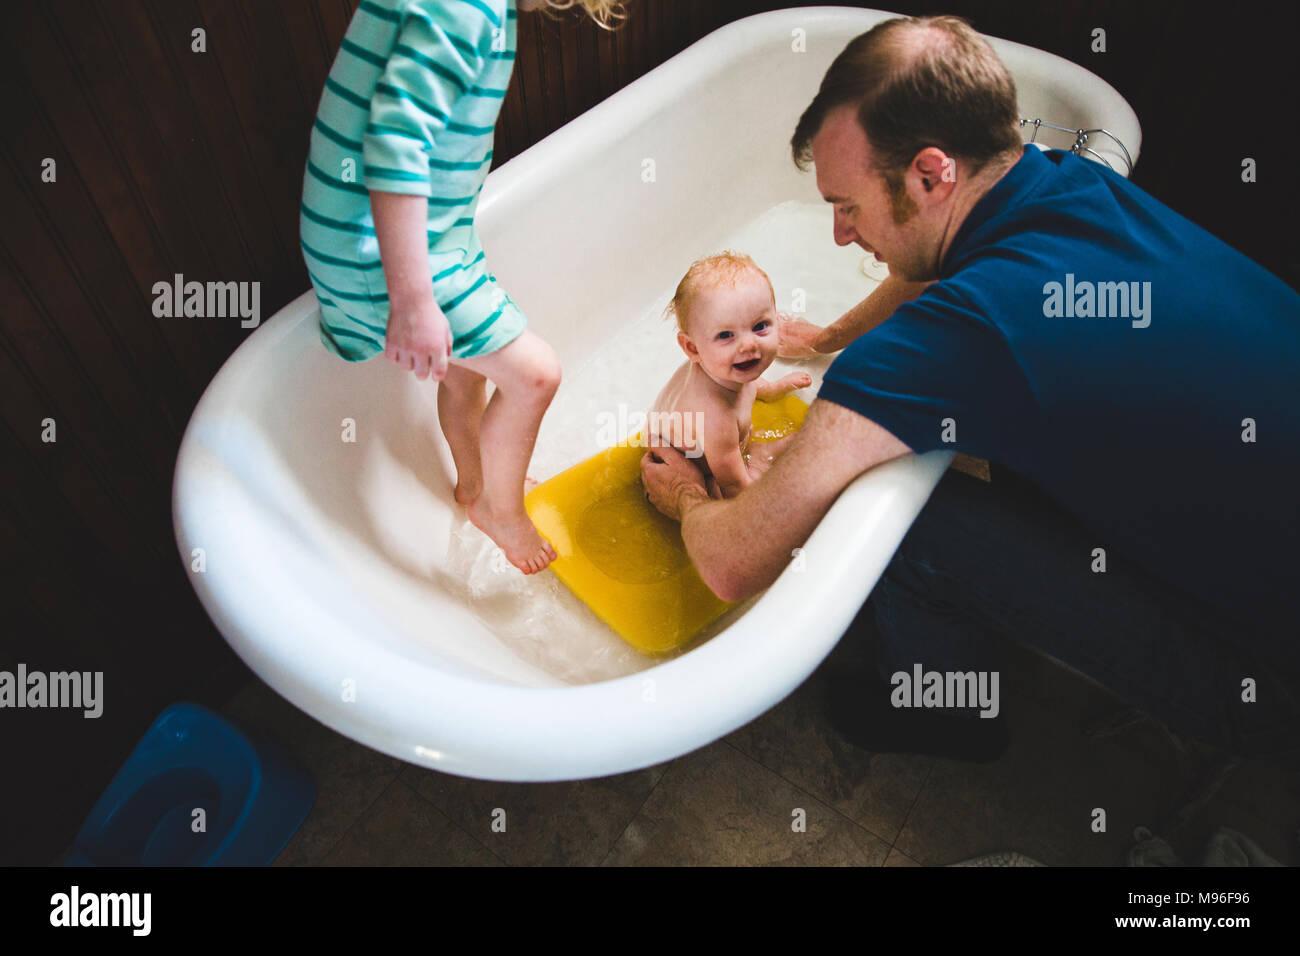 El padre del bebé de lavado en una tina con otra niña Imagen De Stock